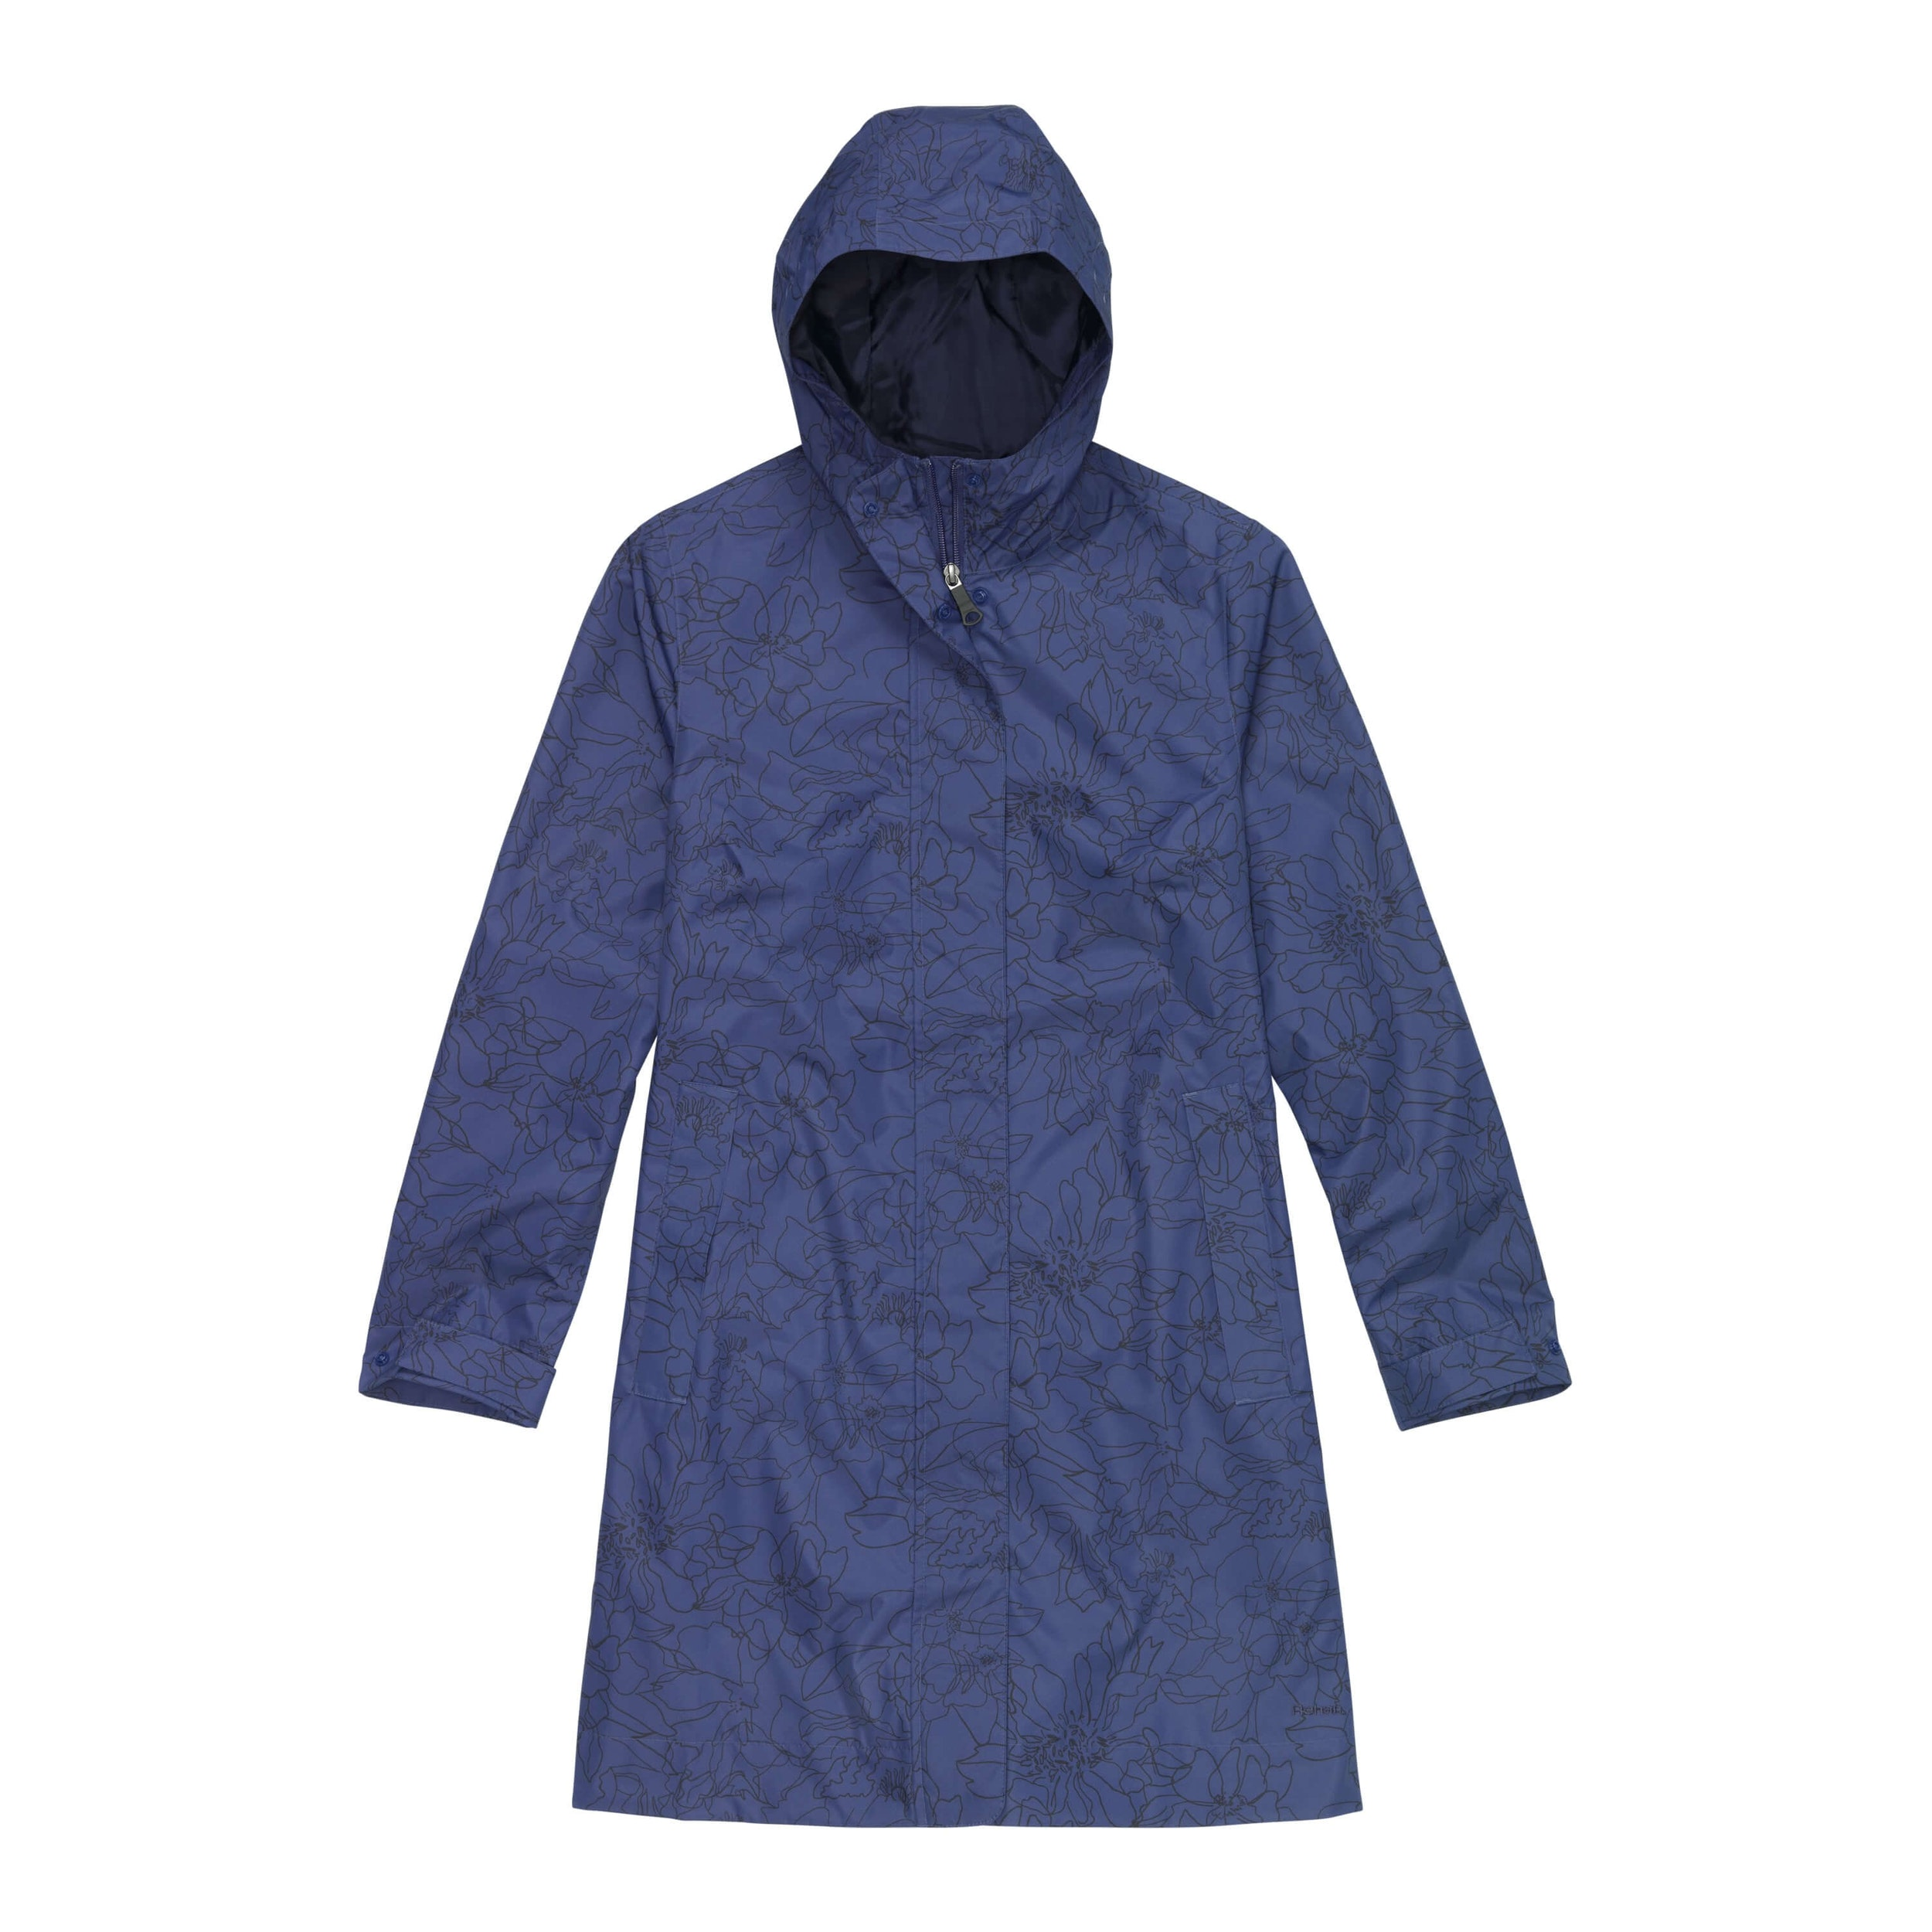 Ladies waterproof jackets, Waterproof trousers at Rohan Womens